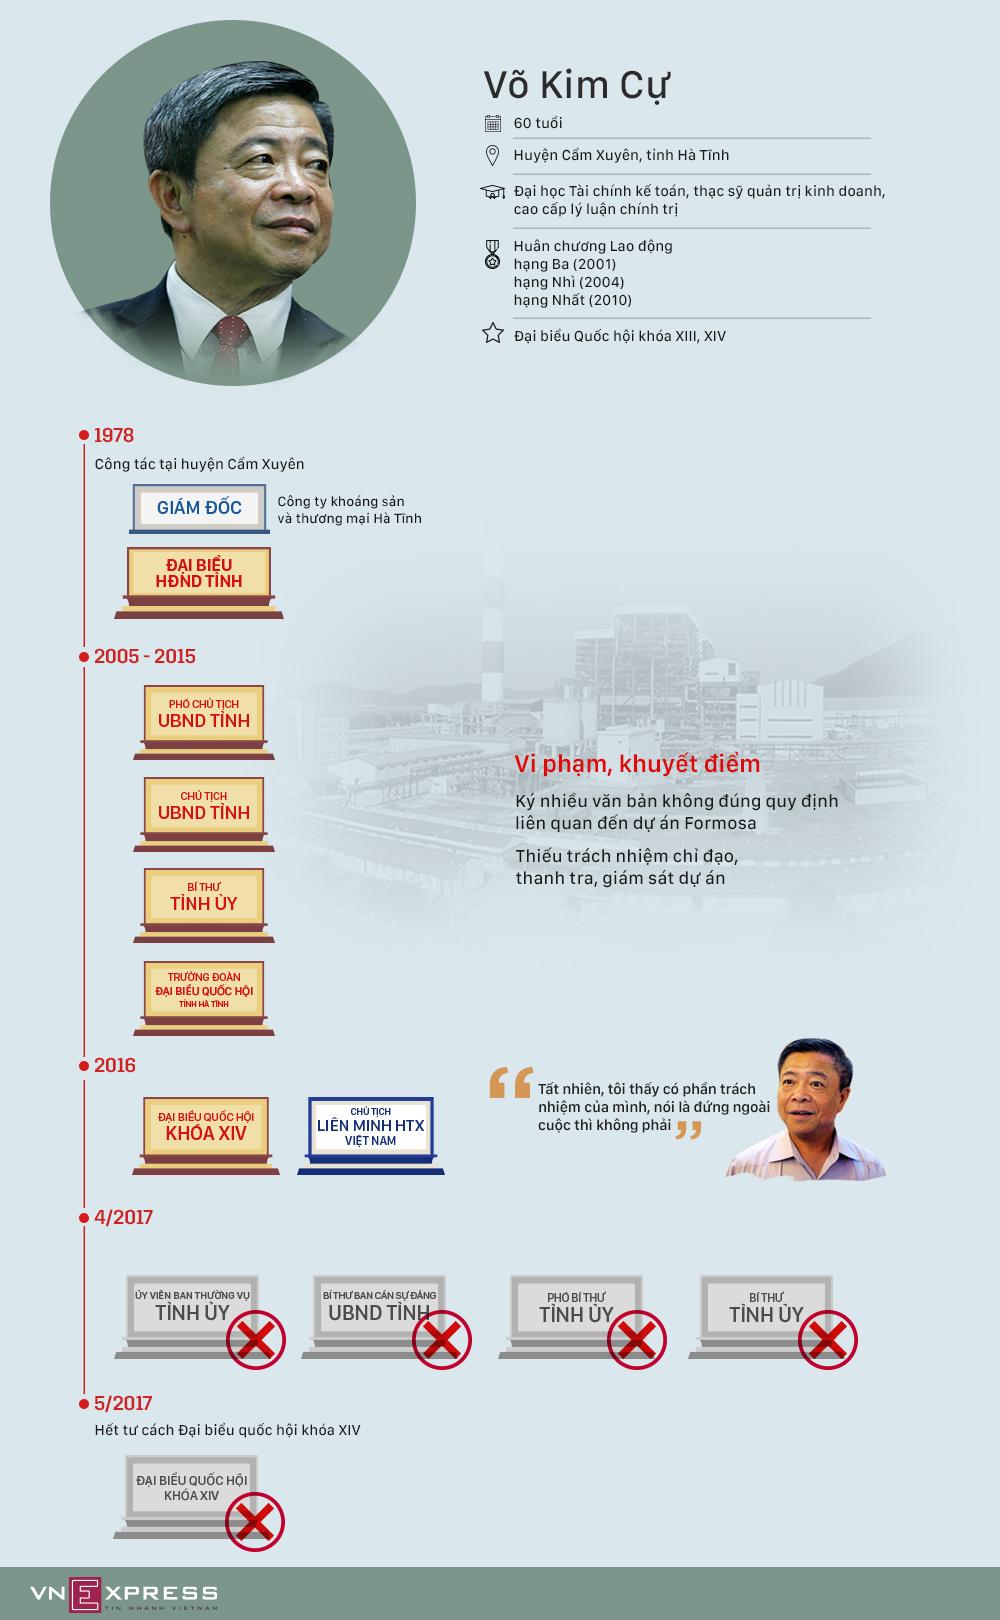 Ông Võ Kim Cự và bước thăng trầm với dự án Formosa